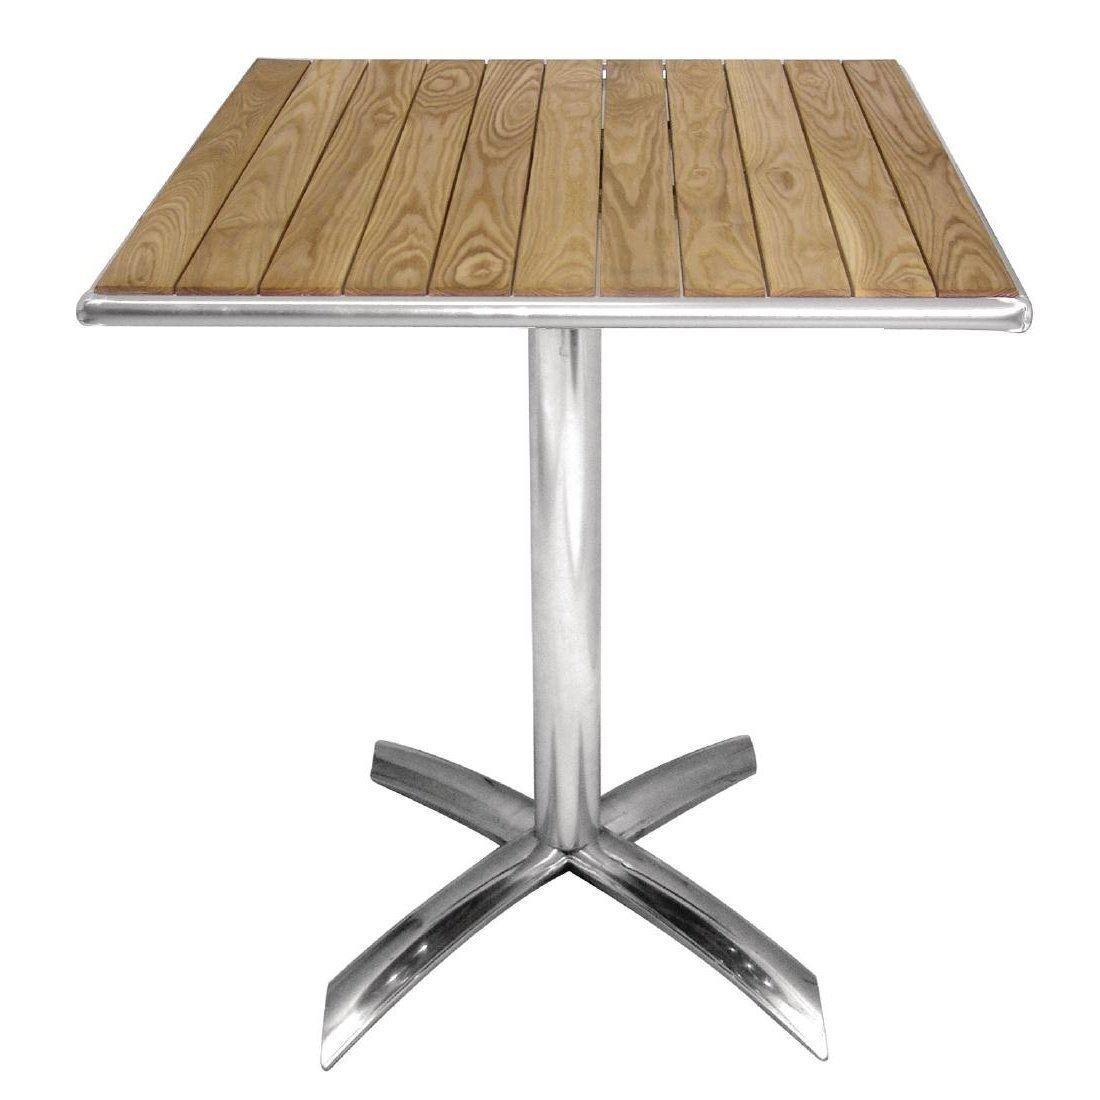 Bolero Ash Flip Top Square Bistro Table Wood Outdoor Dining - Square wood outdoor dining table